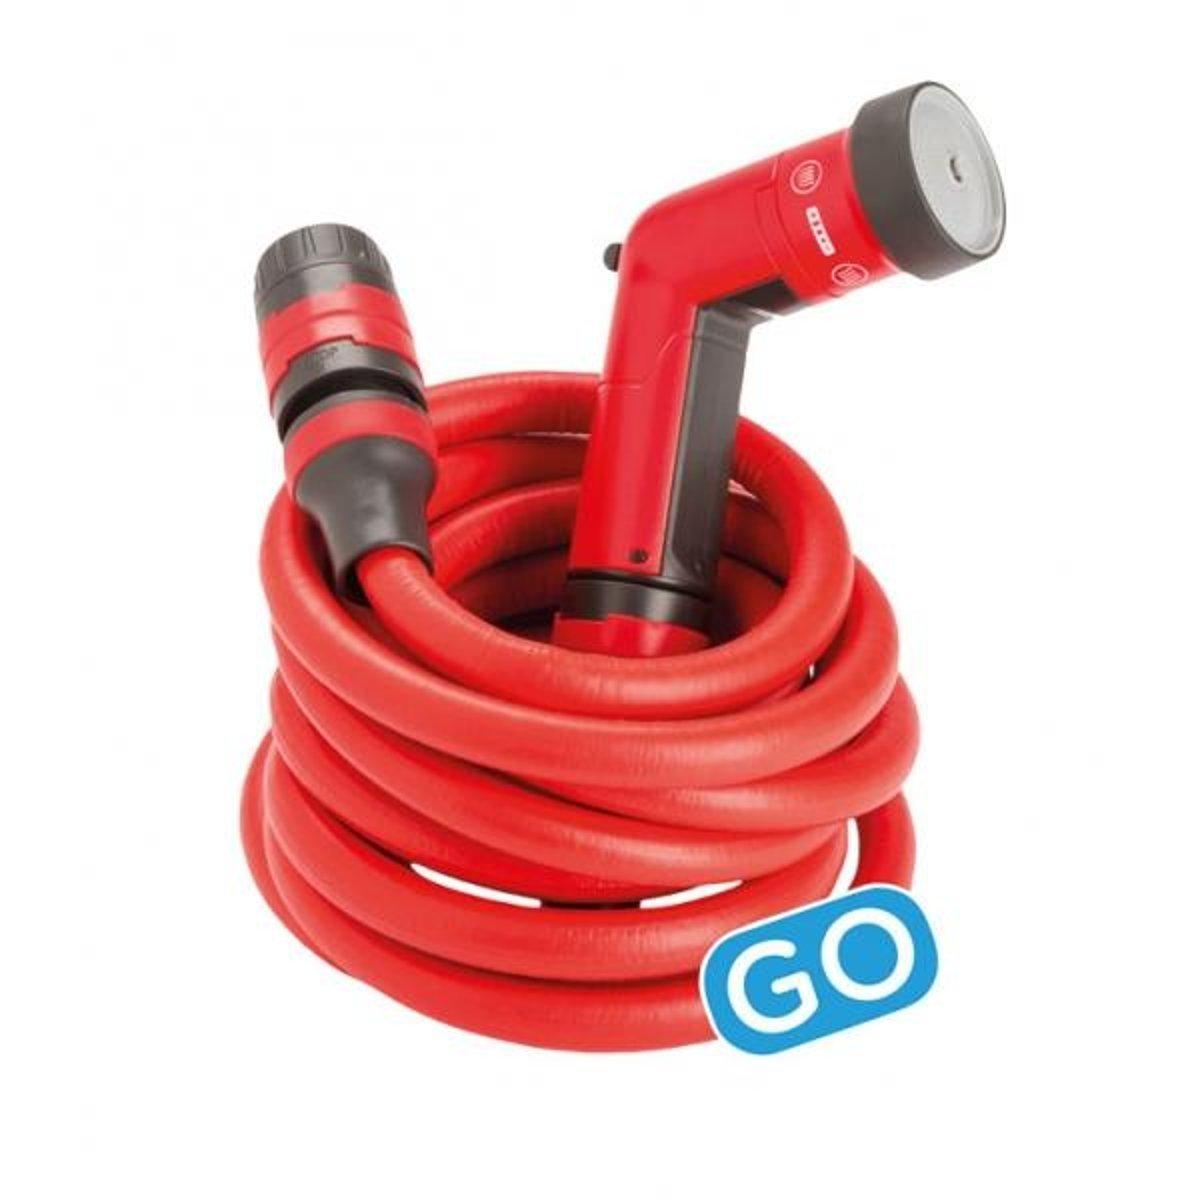 Fitt Go Yoyo Hose for Watering, Red, MT. 10 go yoyo